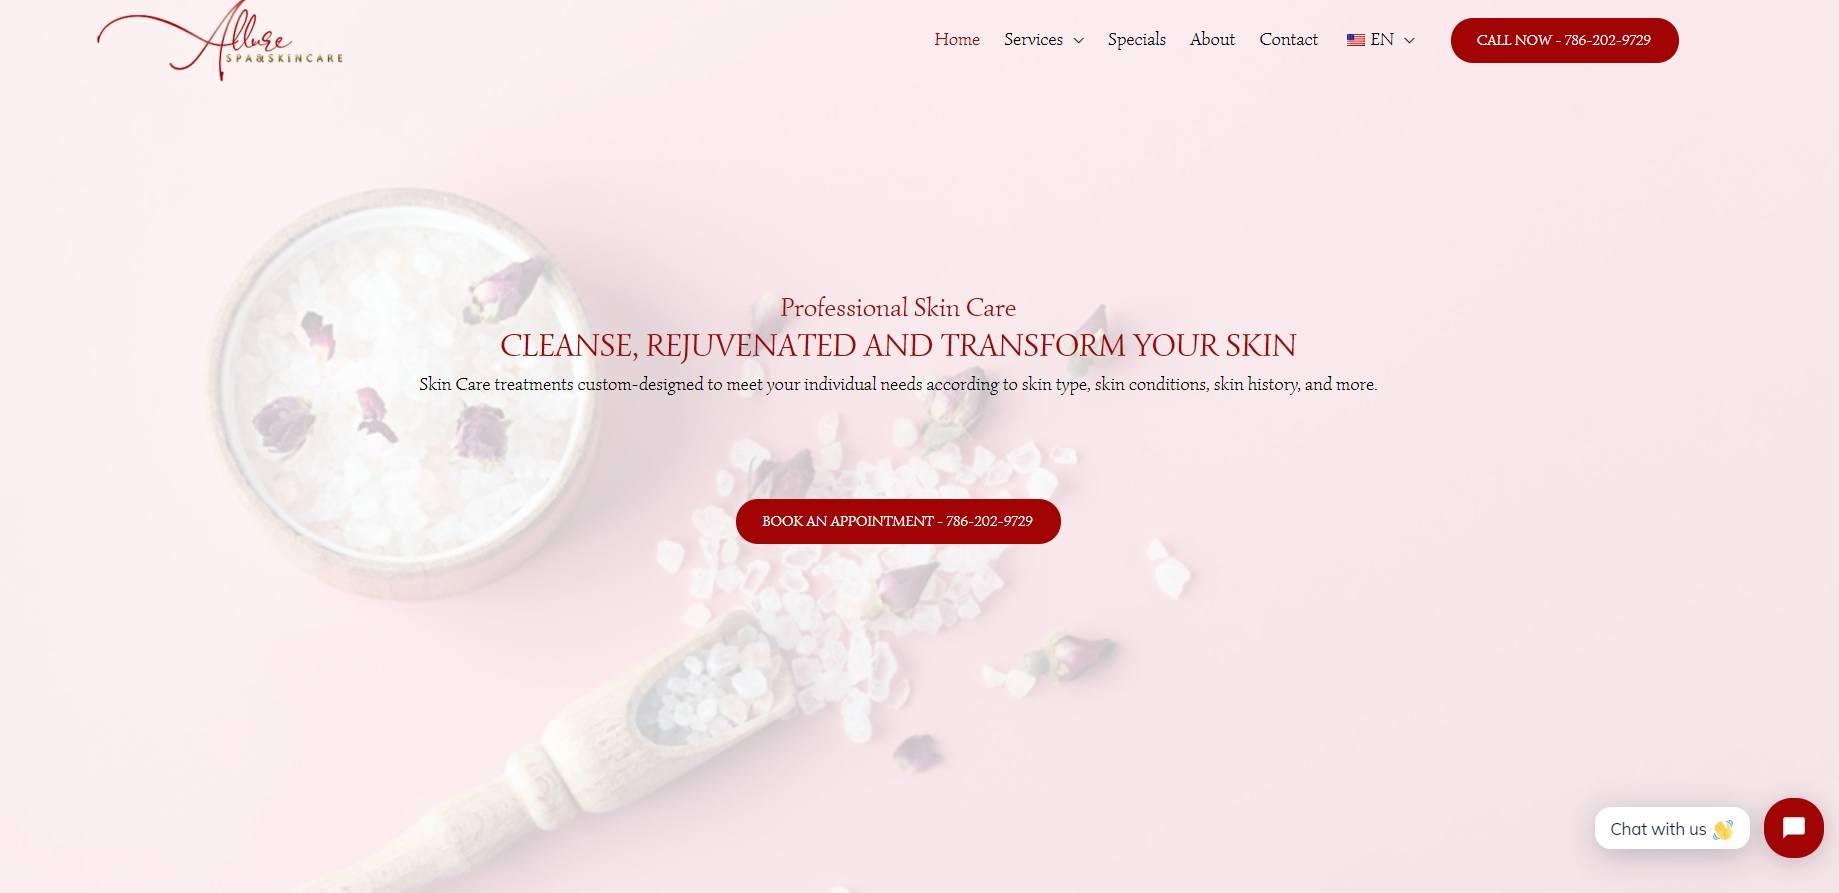 Allure Spa And Skincare